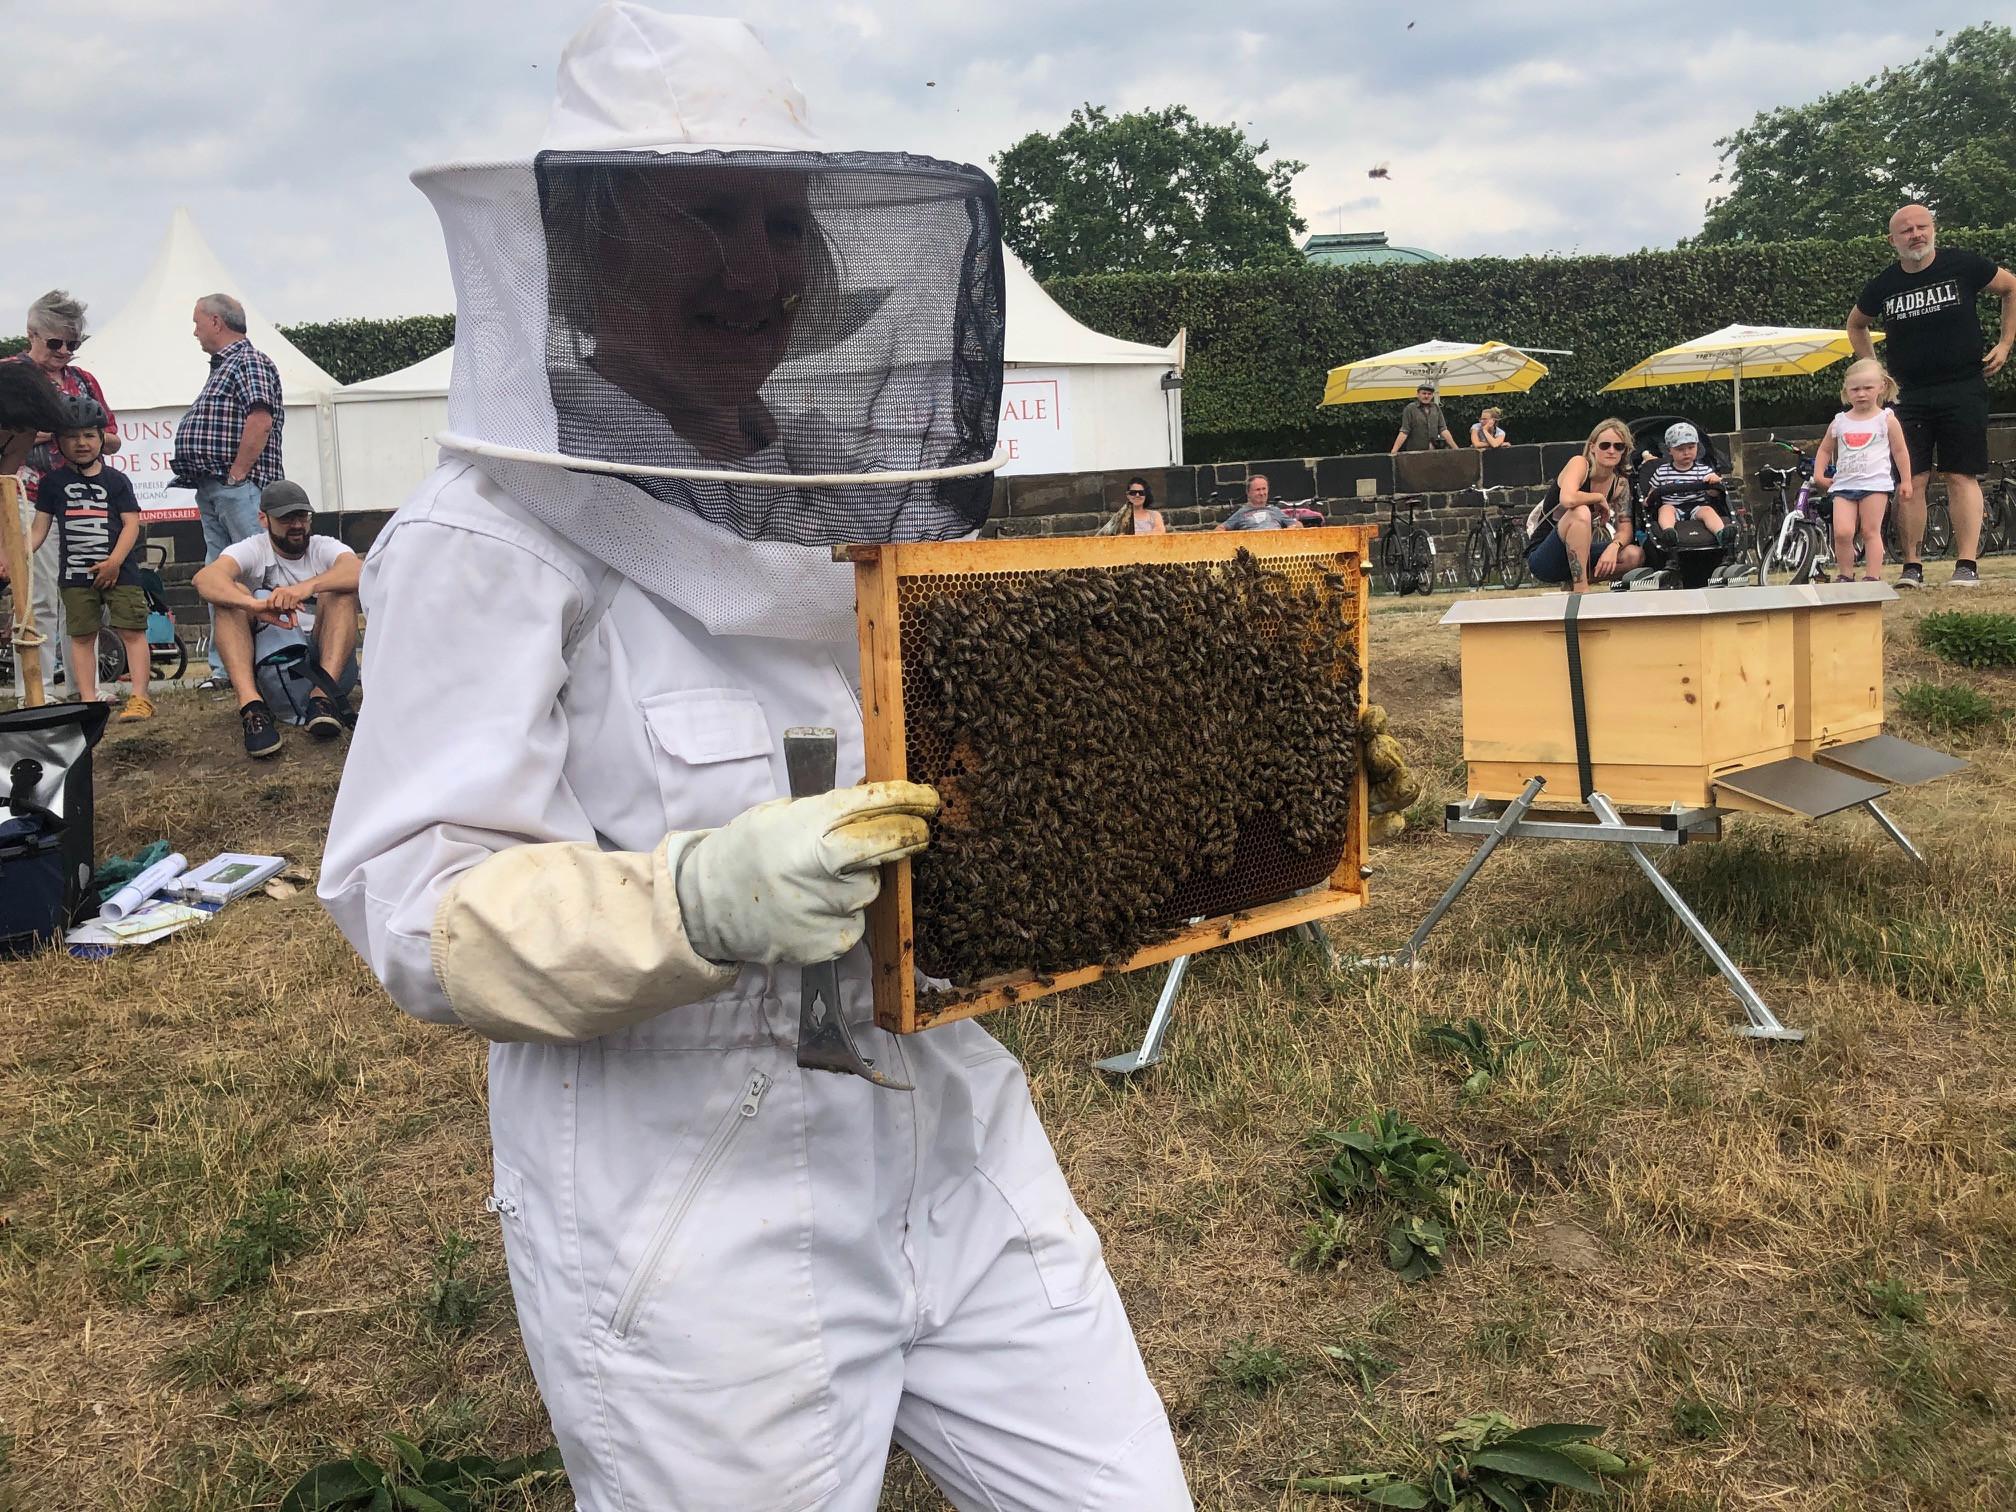 Imkerin Uta Tomczak beantwortet den Gästen sämtliche Fragen rund um Bienen.